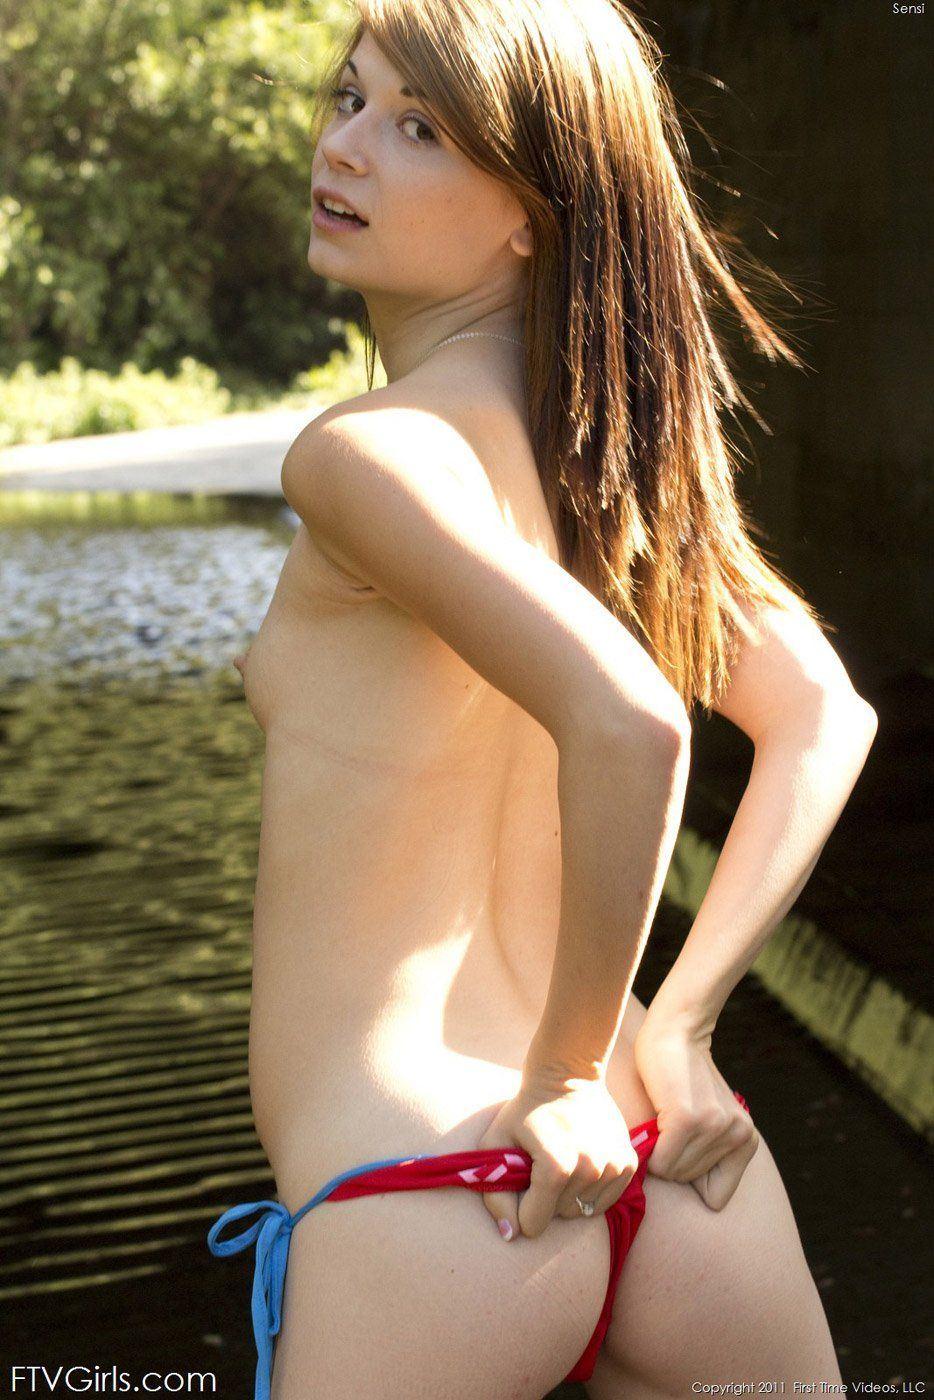 Amateur Striptease amateur striptease bikini - nude images. comments: 1